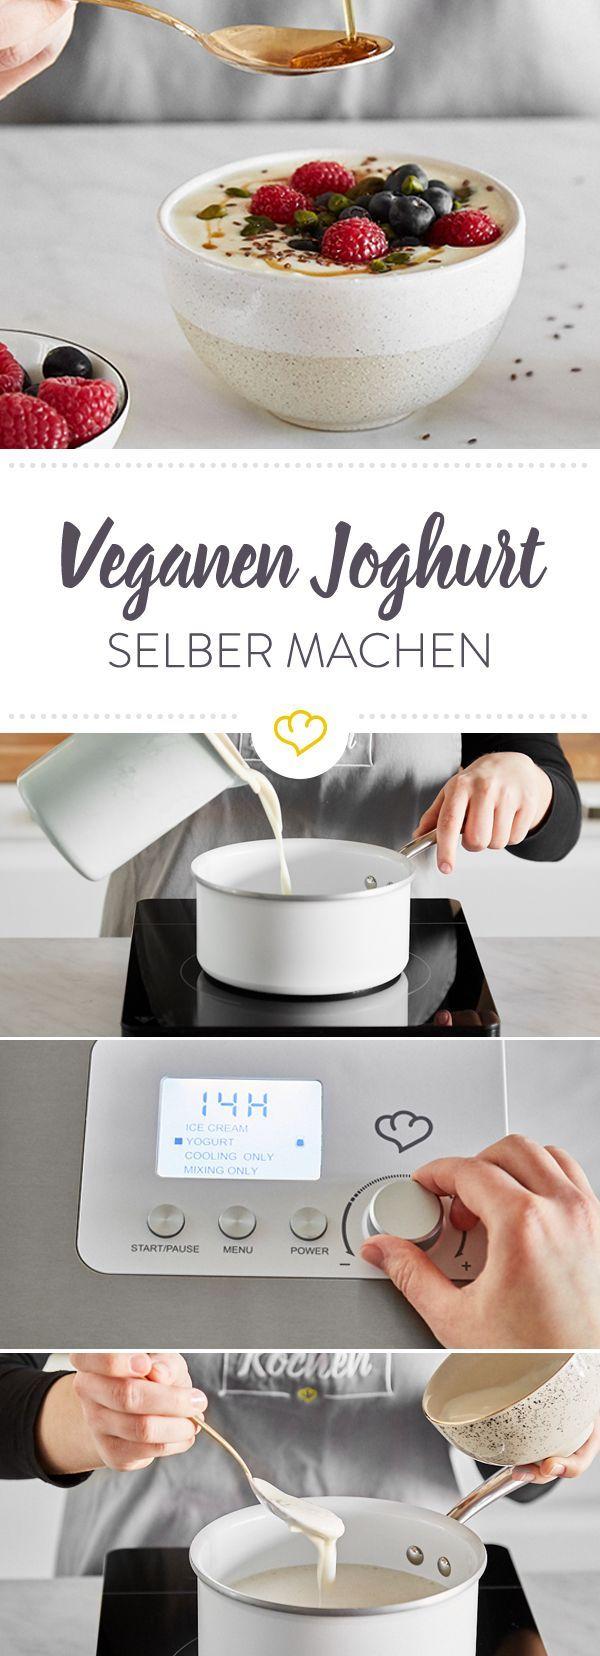 Veganer Joghurt So Gelingt Er Dir Mit Und Ohne Maschine Veganer Joghurt Joghurt Selber Machen Joghurt Selbst Herstellen